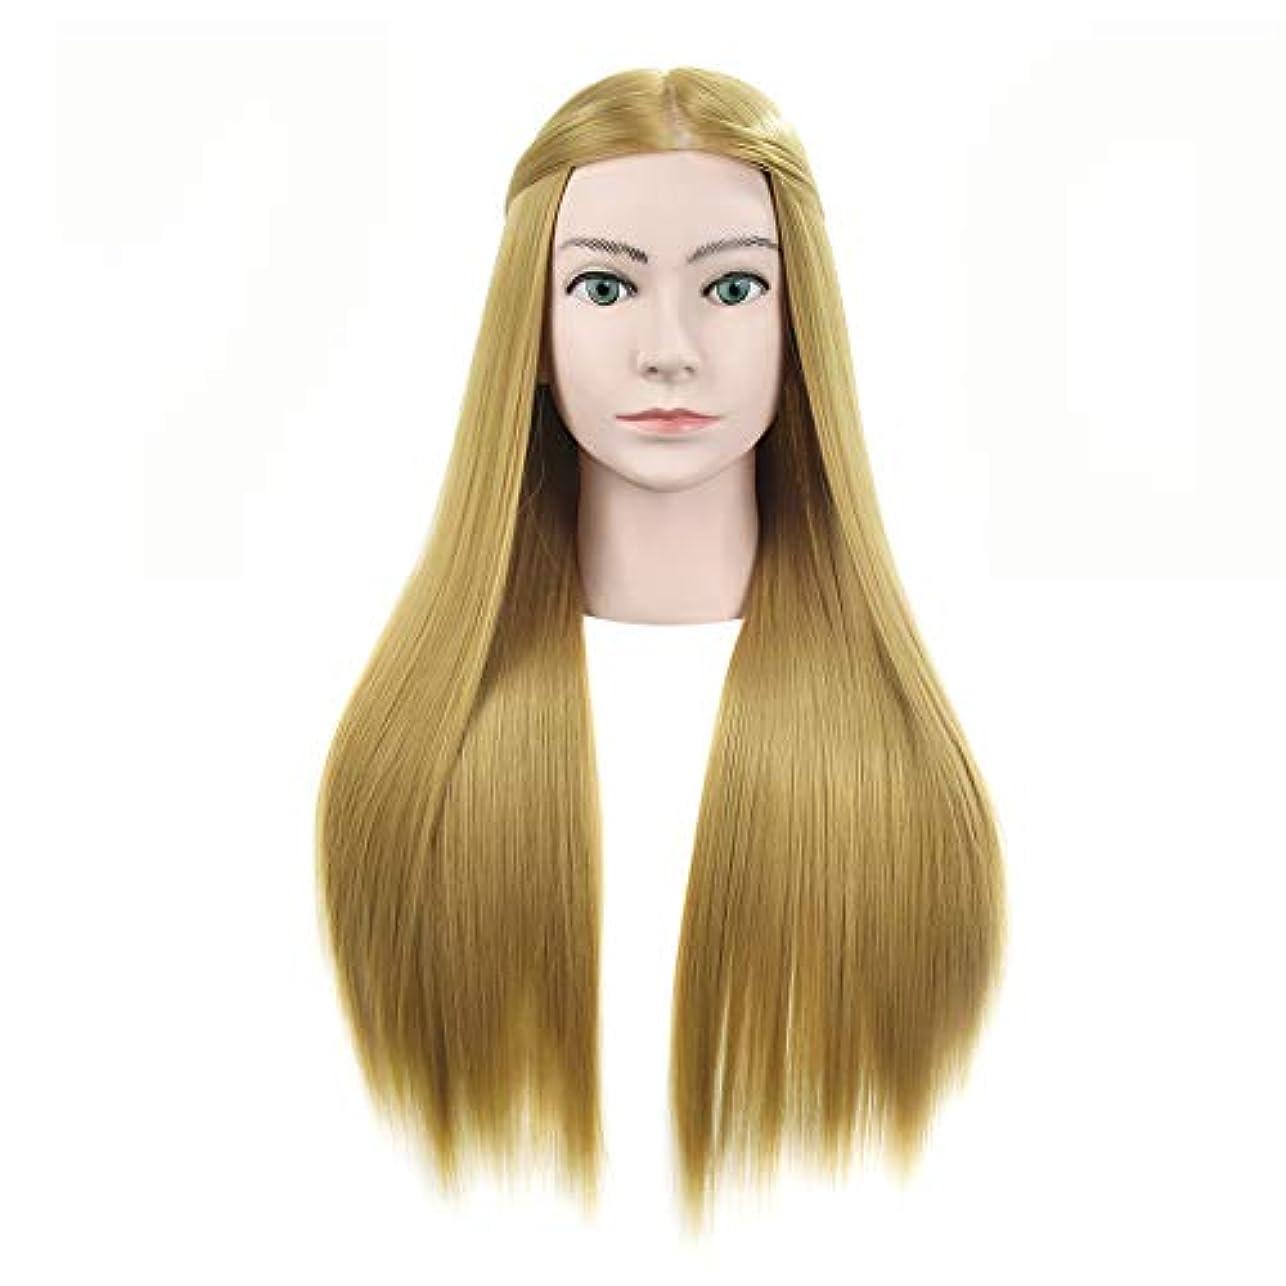 超えるラッカス敬メイクディスクヘアスタイリング編み教育ダミーヘッドサロンエクササイズヘッド金型理髪ヘアカットトレーニングかつら